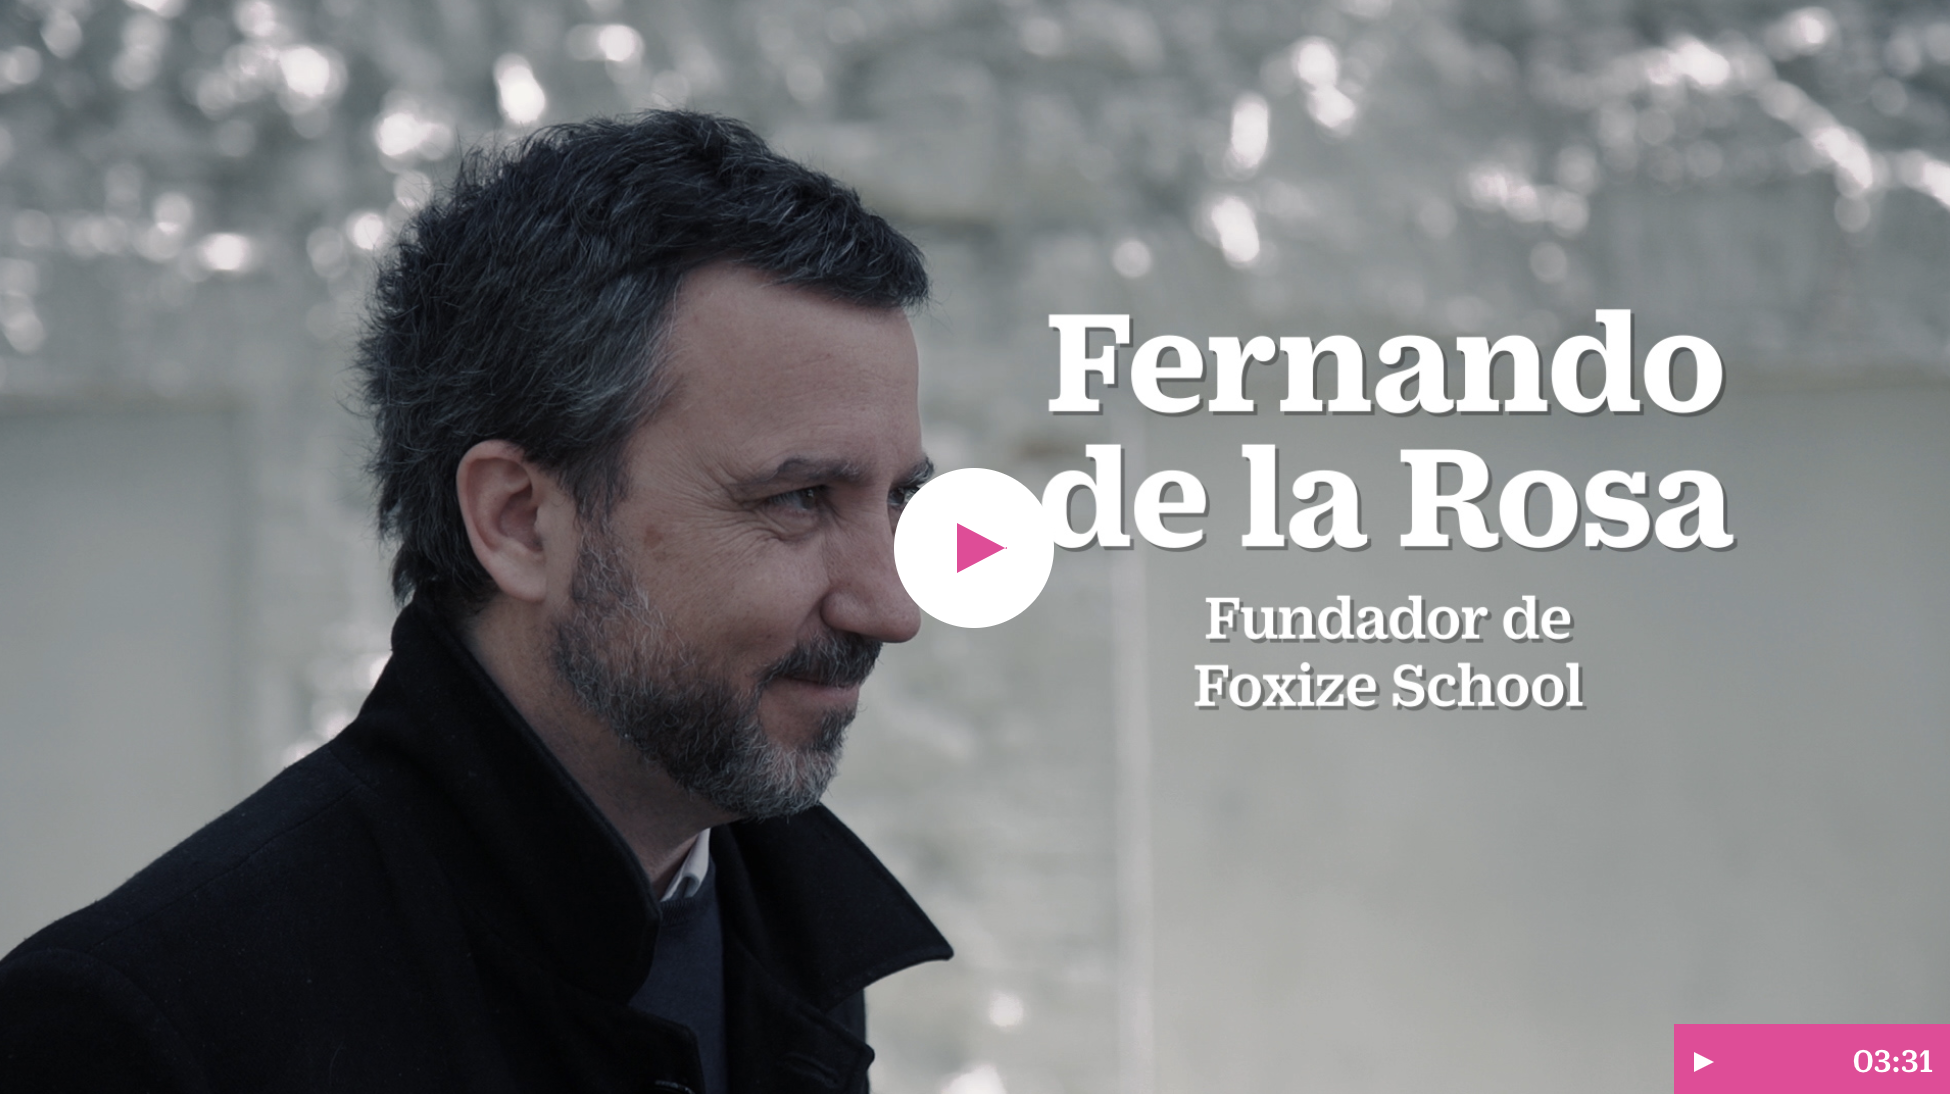 7-Fernando de la Rosa.png